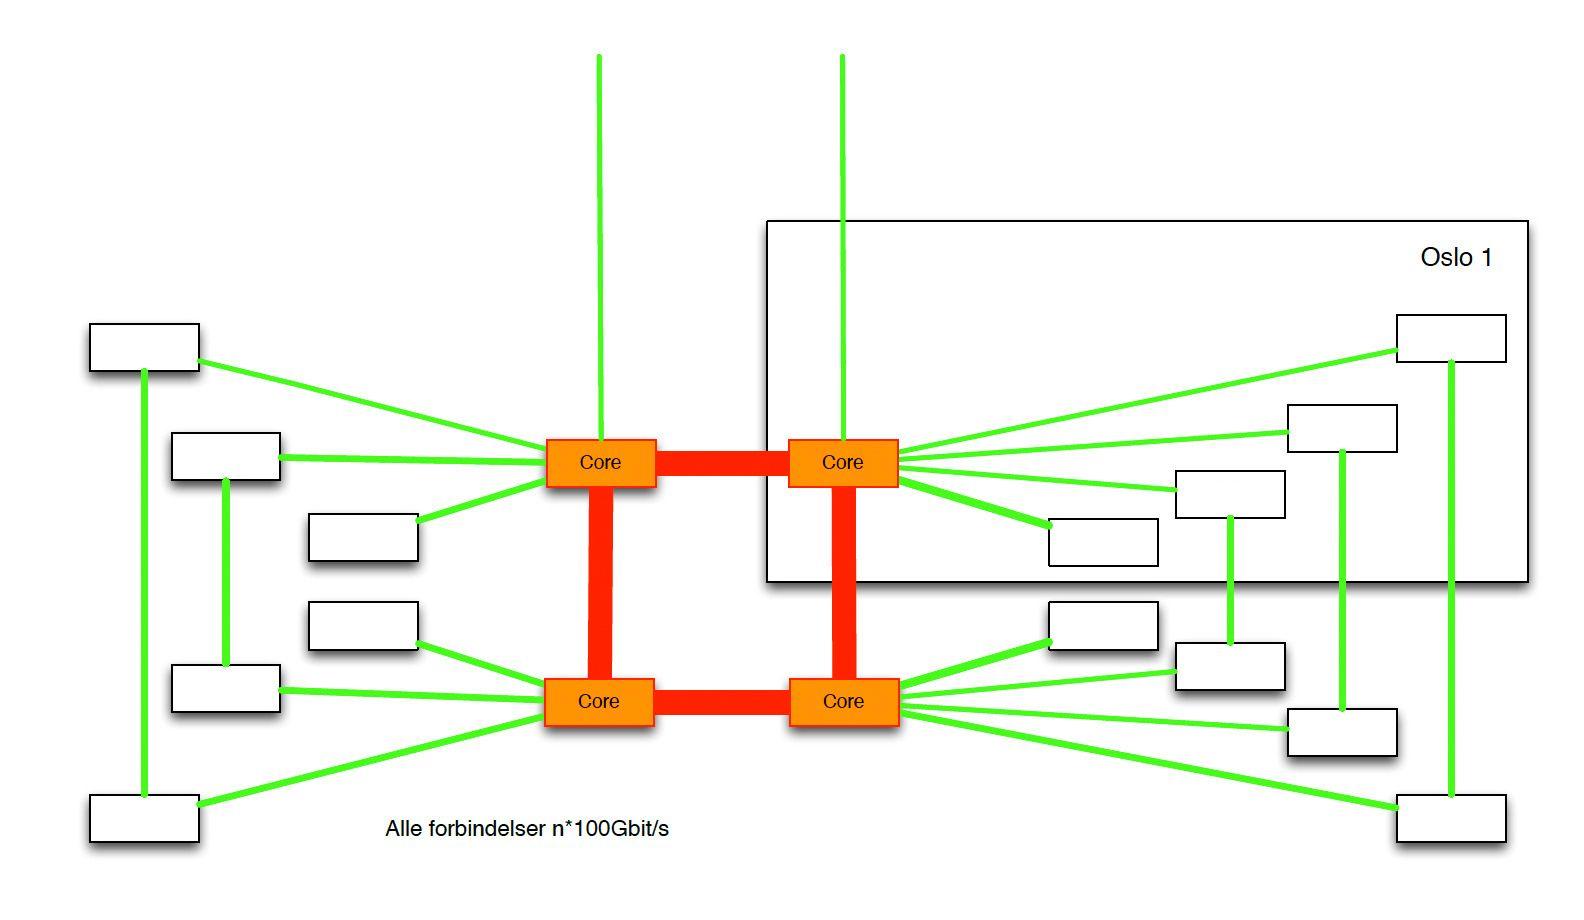 """Slik er kjernenettet til Altibox bygget opp. Den noden vi besøkte er det du ser inne i rammen (""""Oslo 1"""")."""